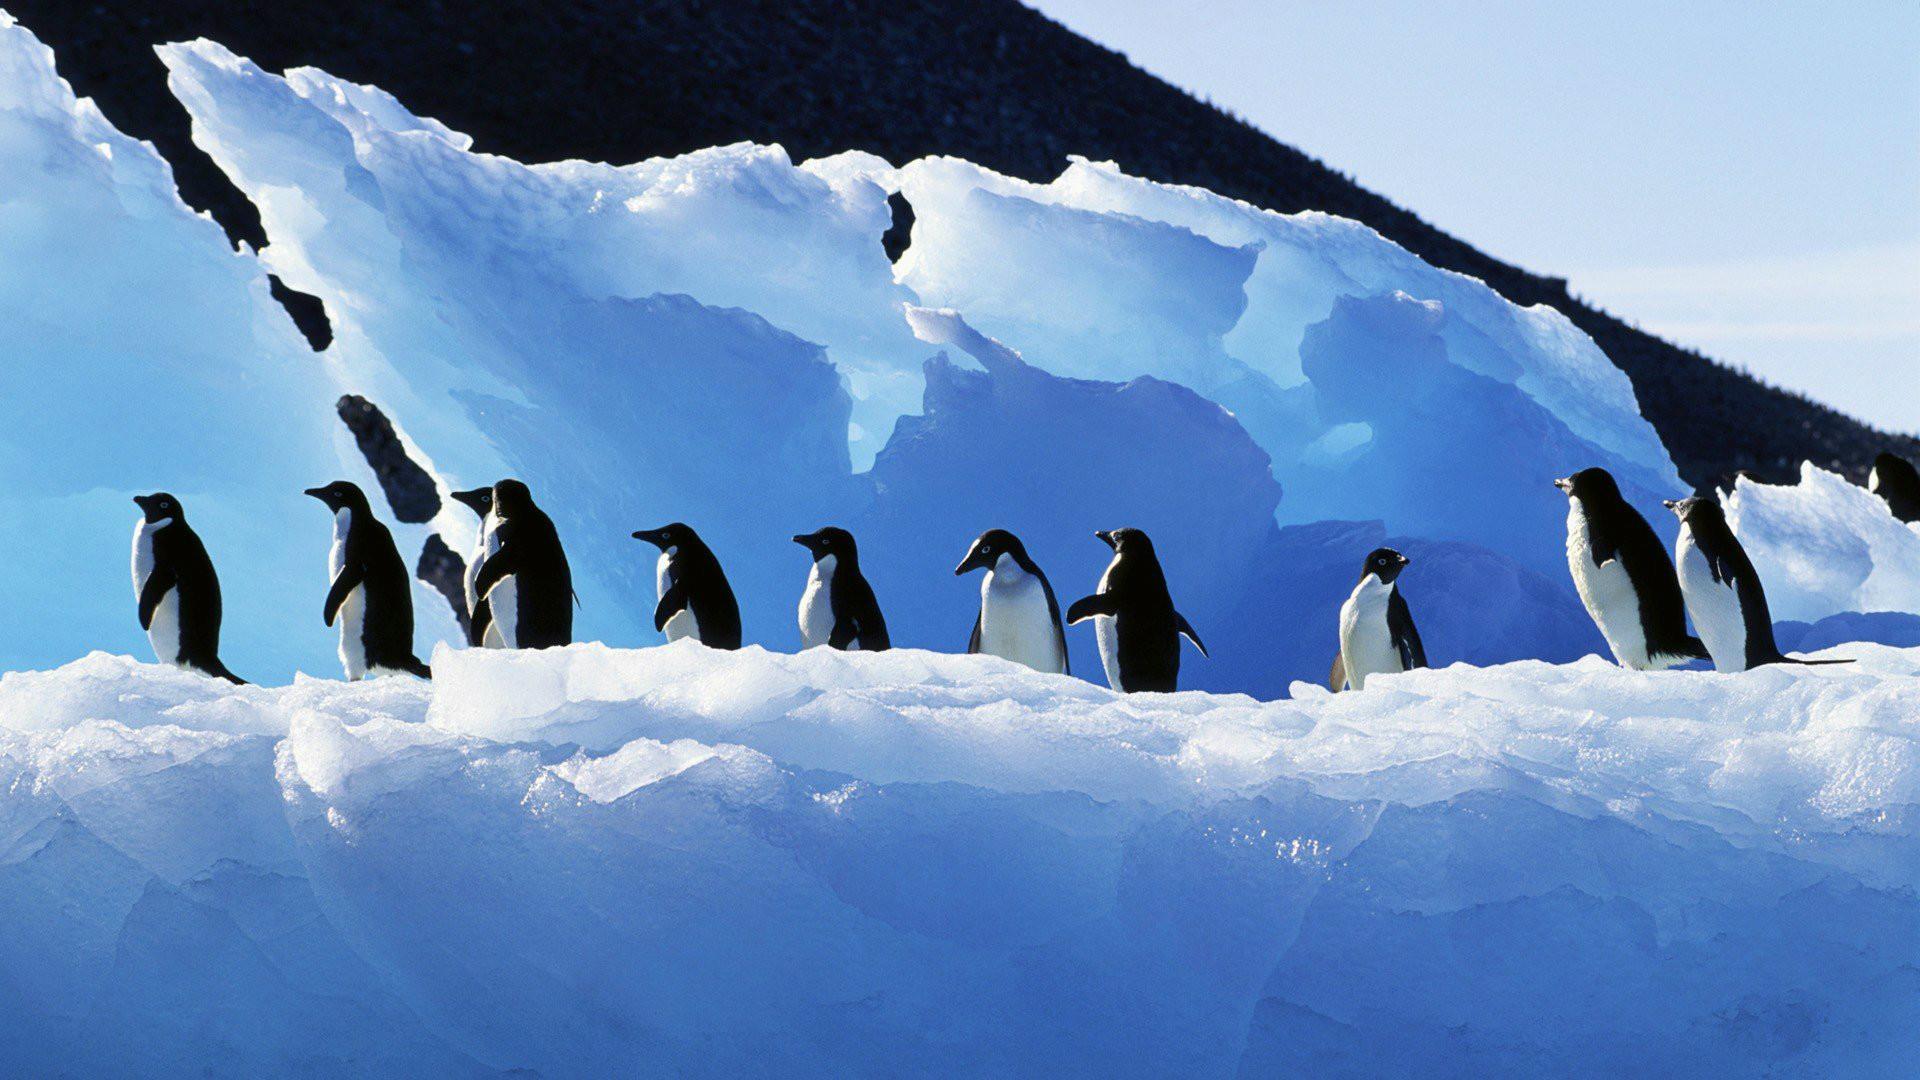 Penguin Wallpaper Screensavers (56+ images)